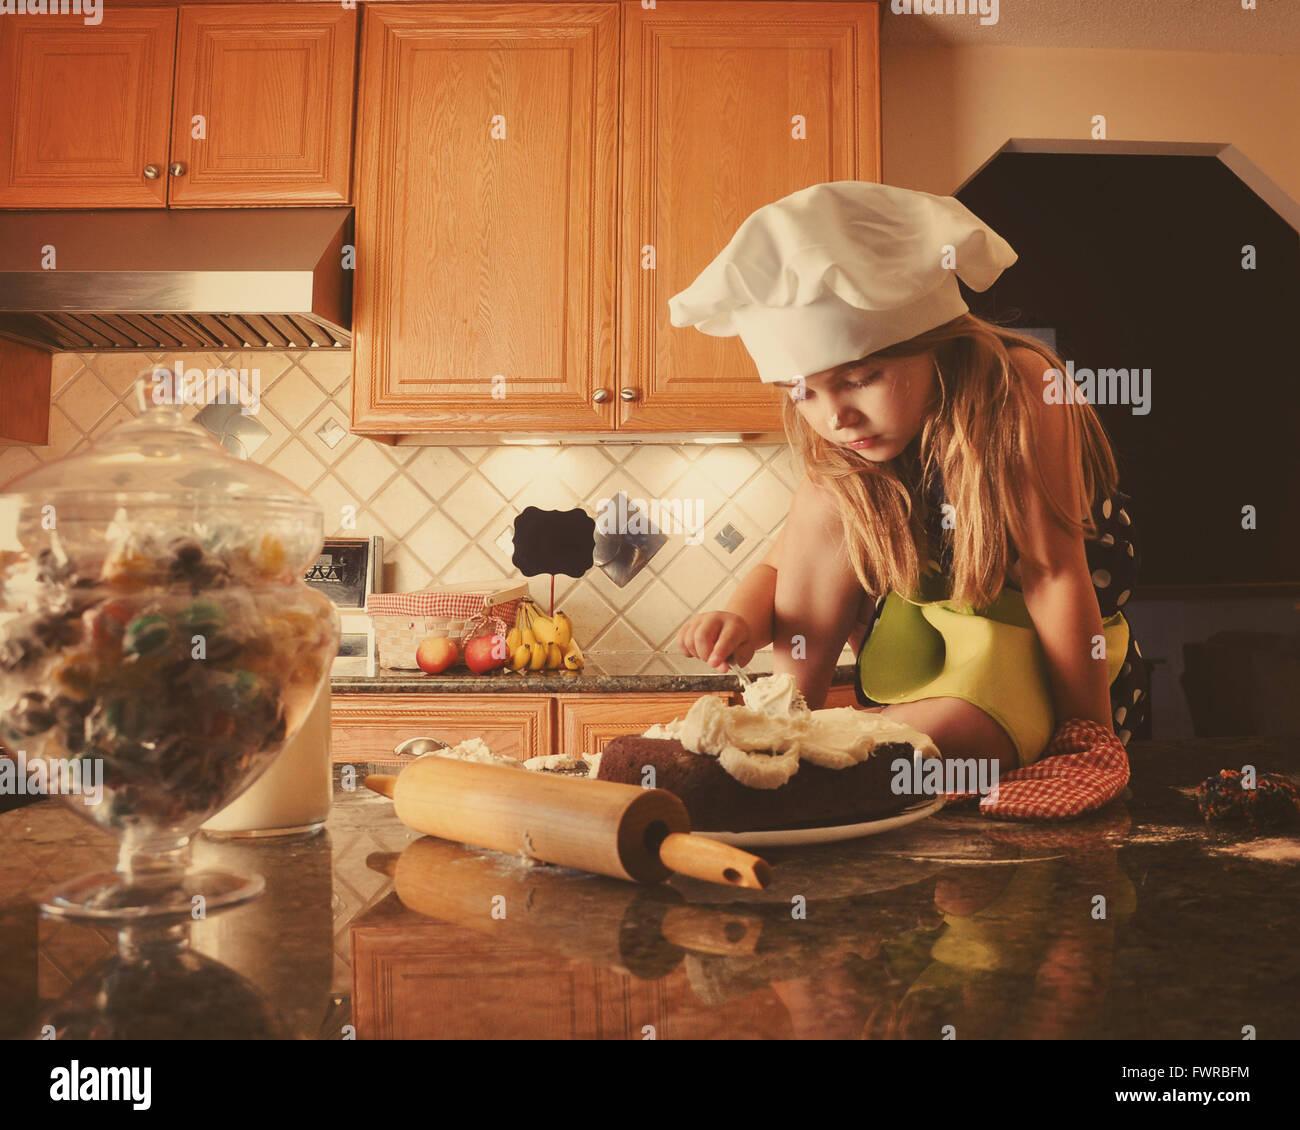 Ein kleines Kind ist einen Kuchen in der Küche für eine Bäckerei, Ernährung oder Lebensmittel Stockbild